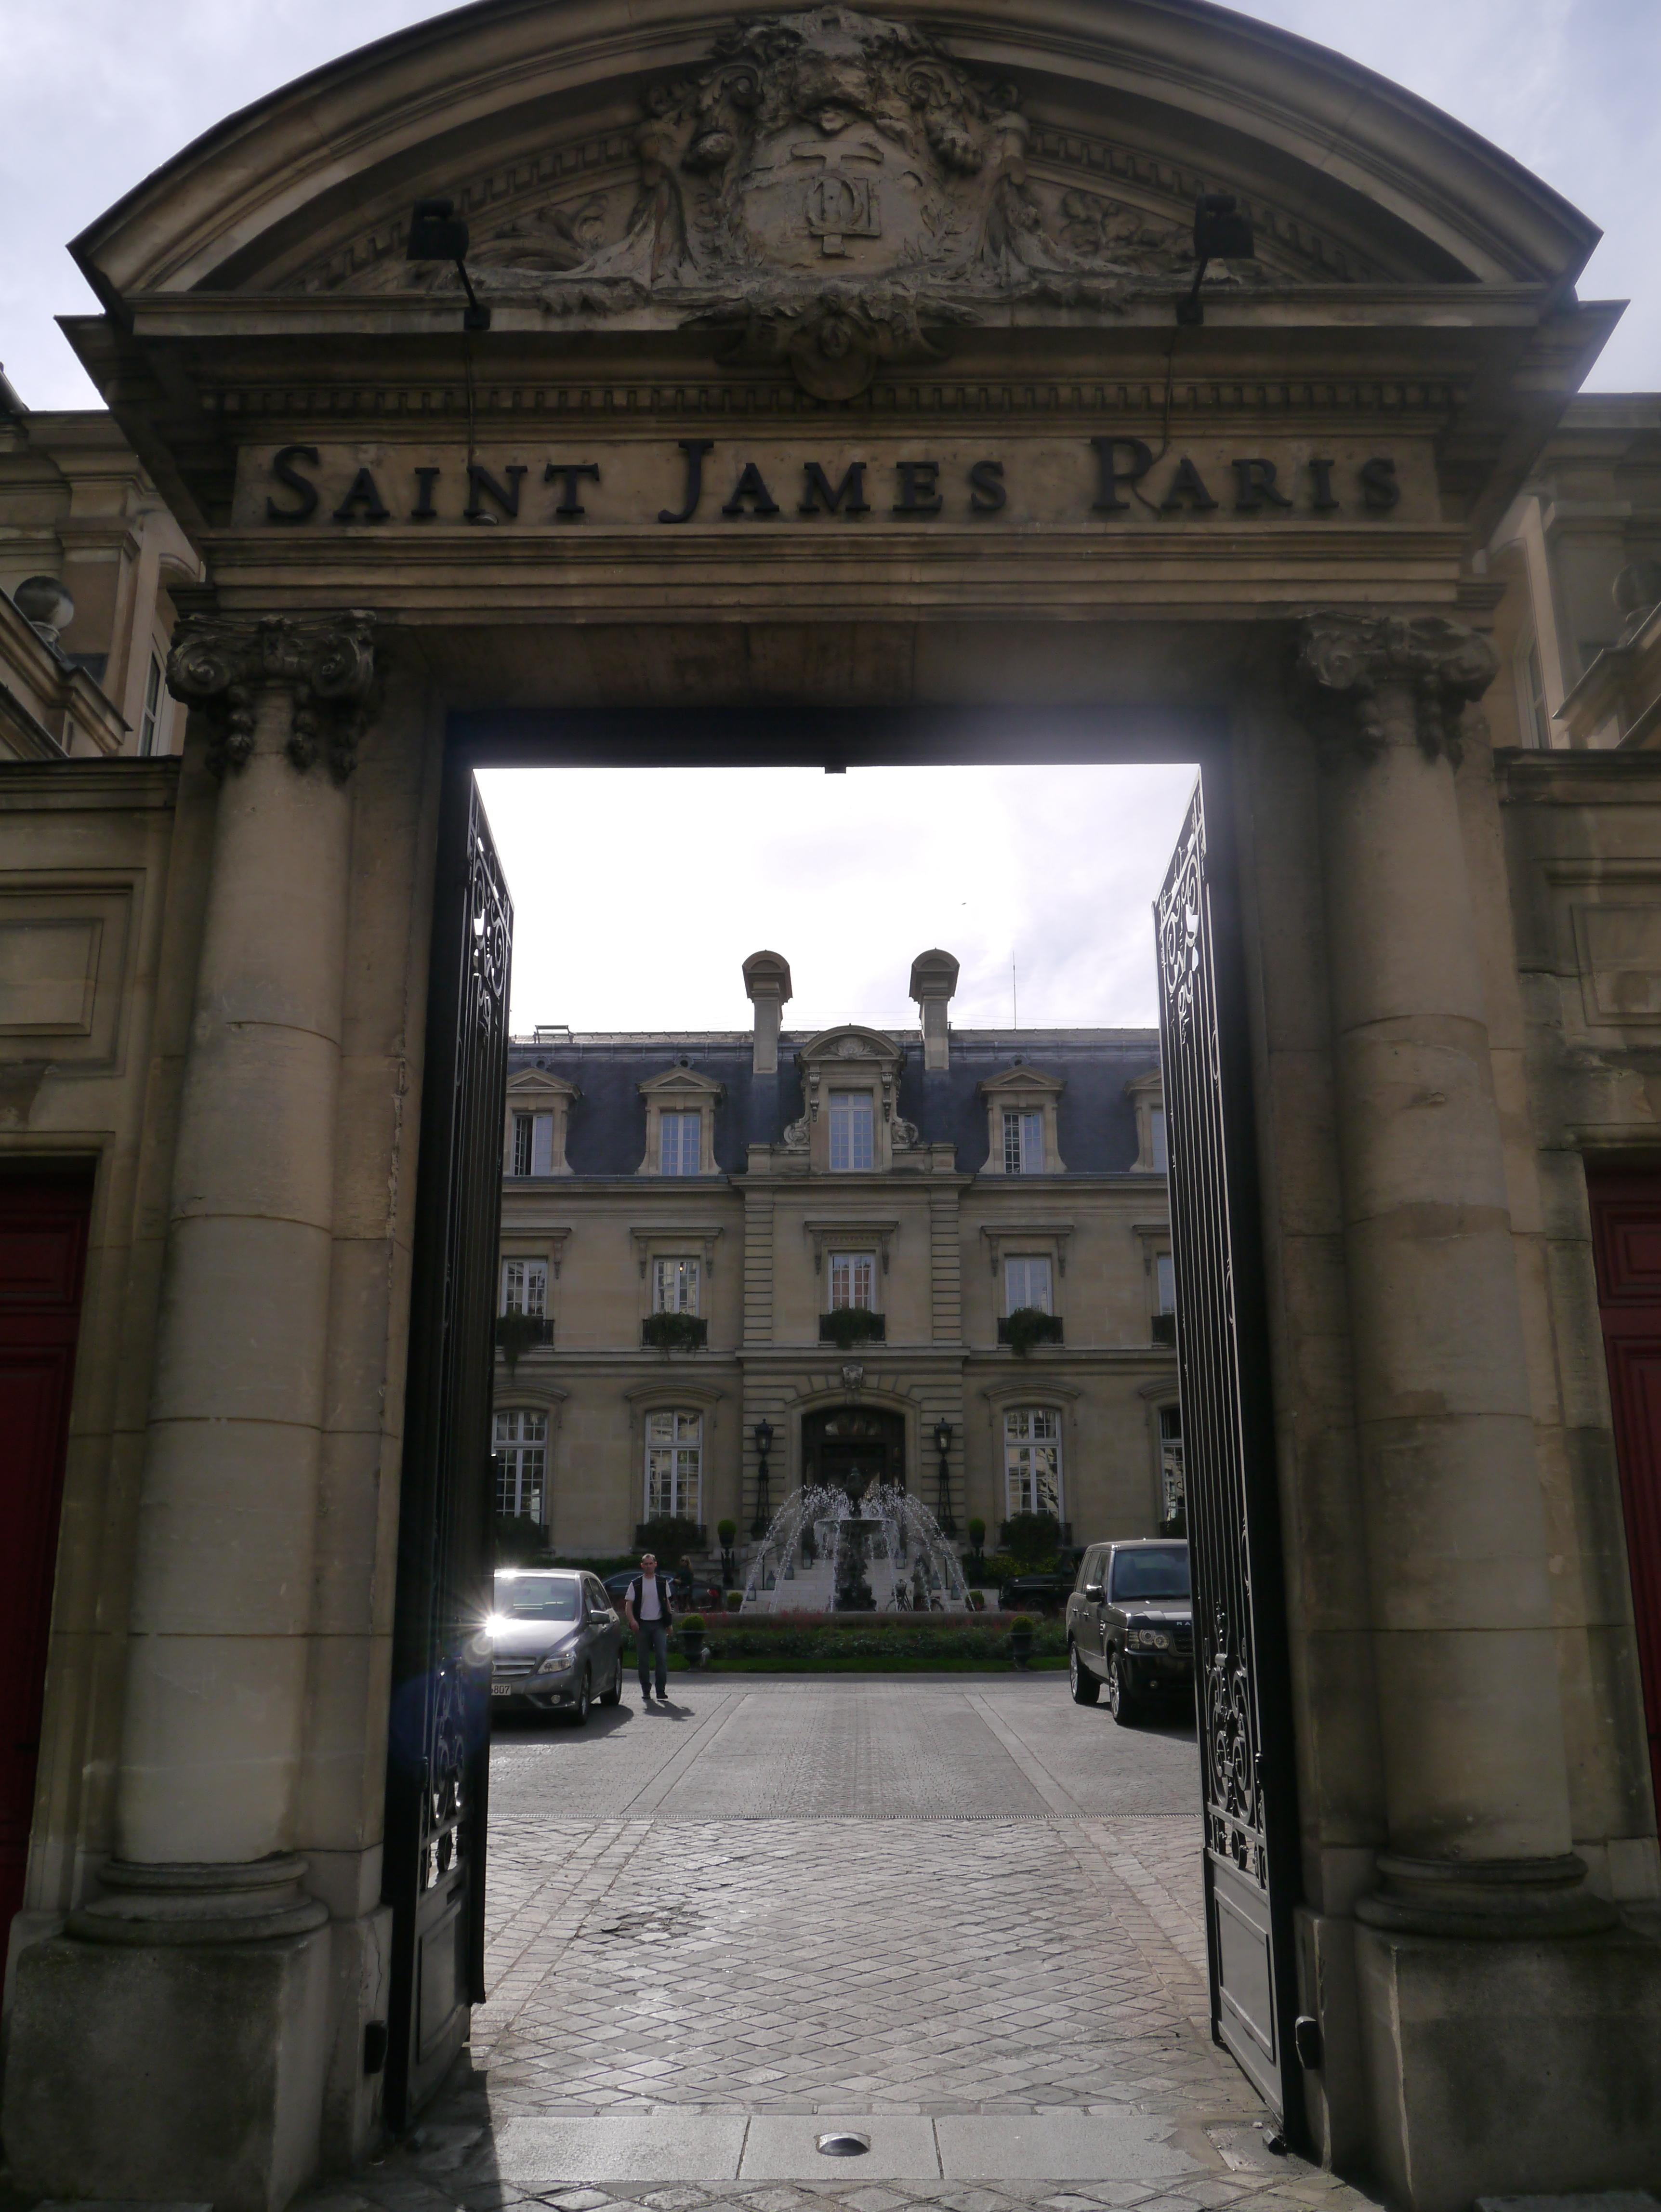 Honeymoon Hotel The Saint James Paris France Blush